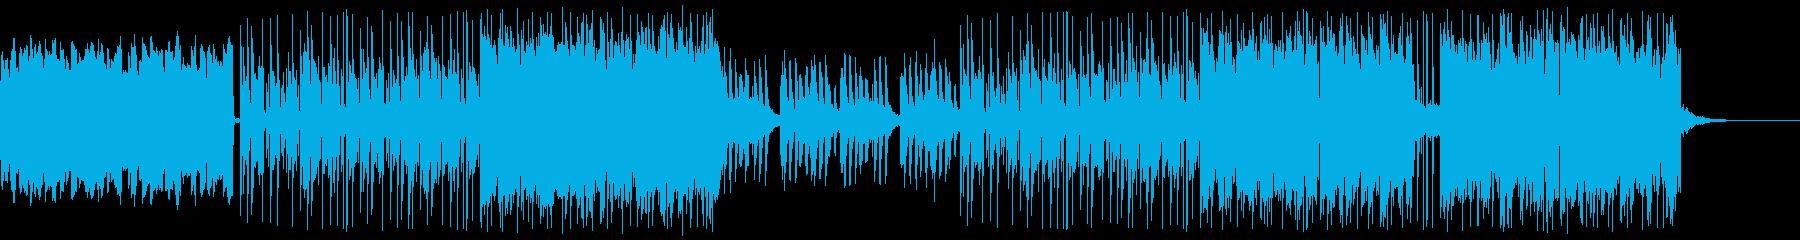 ダークでセクシーなインディーギターポップの再生済みの波形